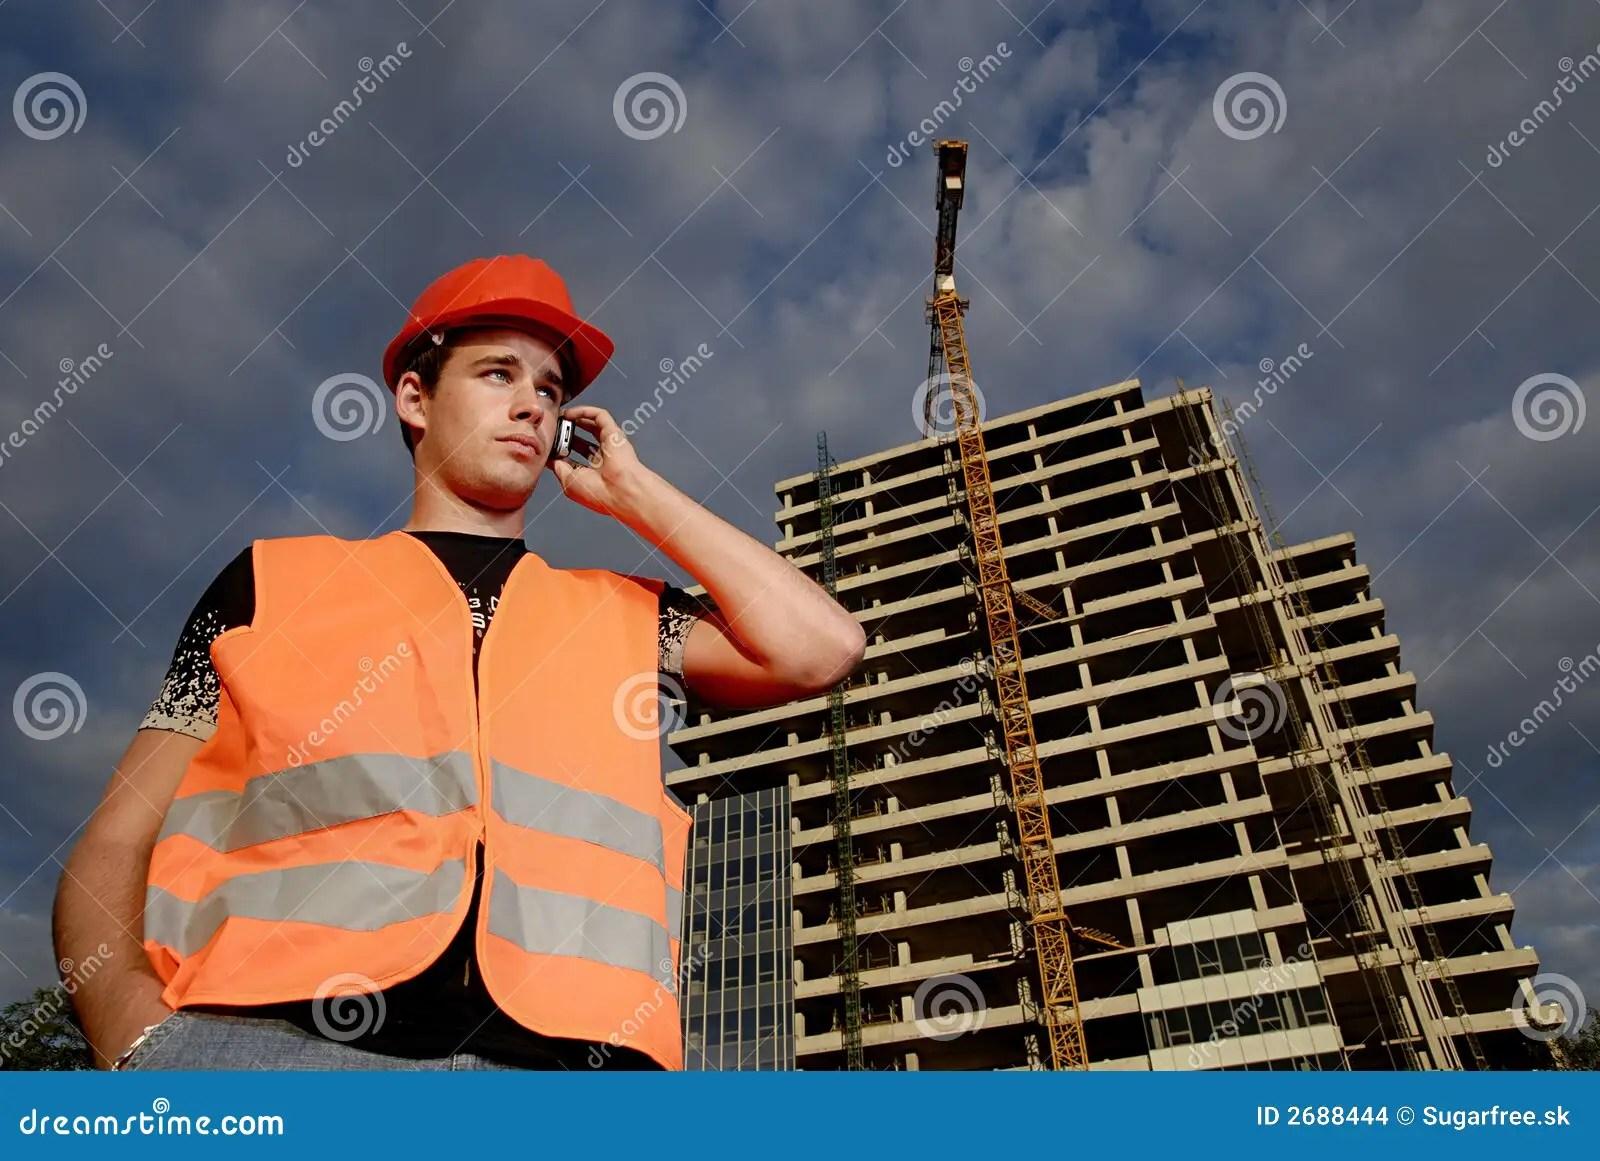 Construction Site Construction Site Supervisor